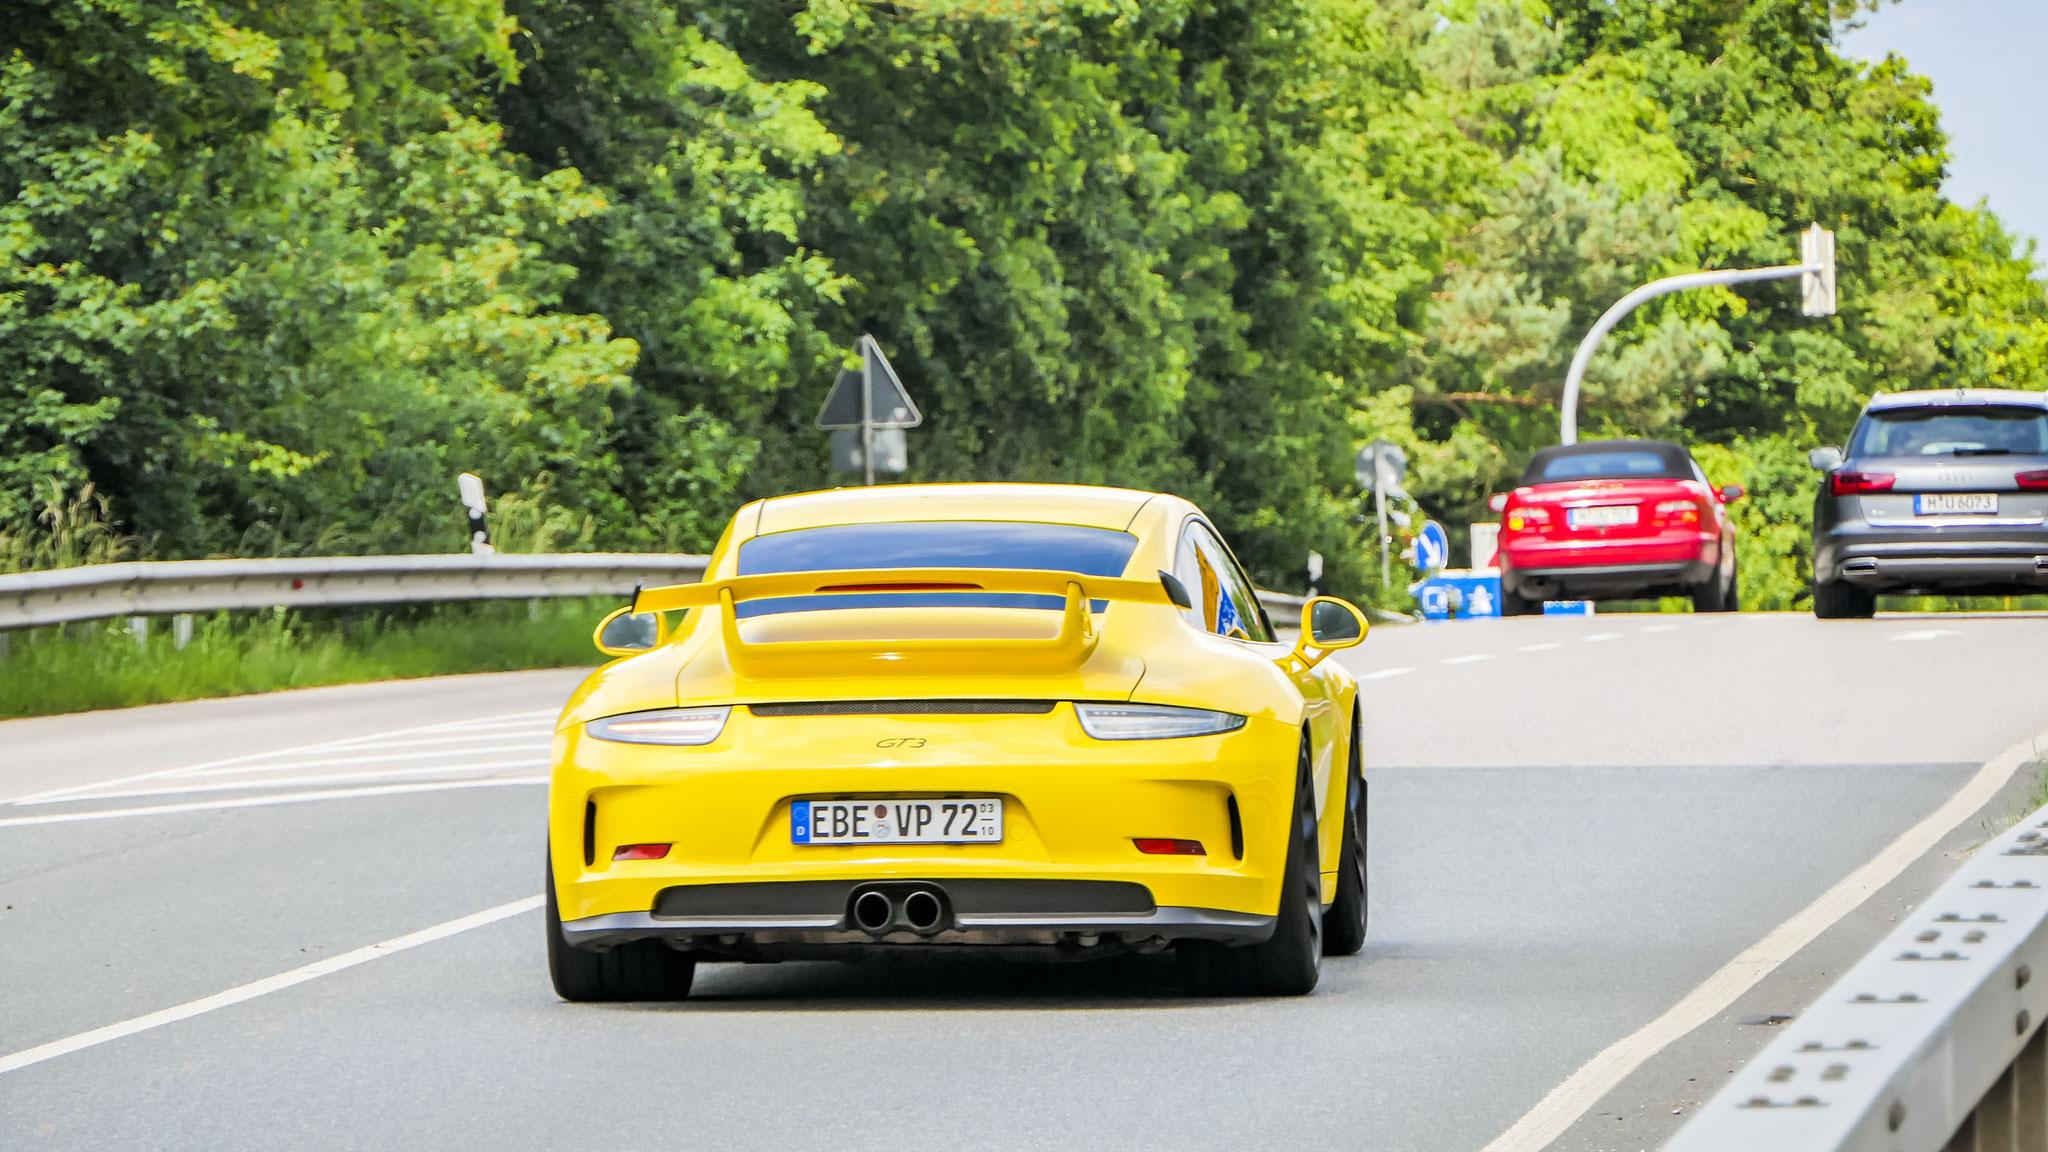 Porsche 991 GT3 - EBE-VP-72